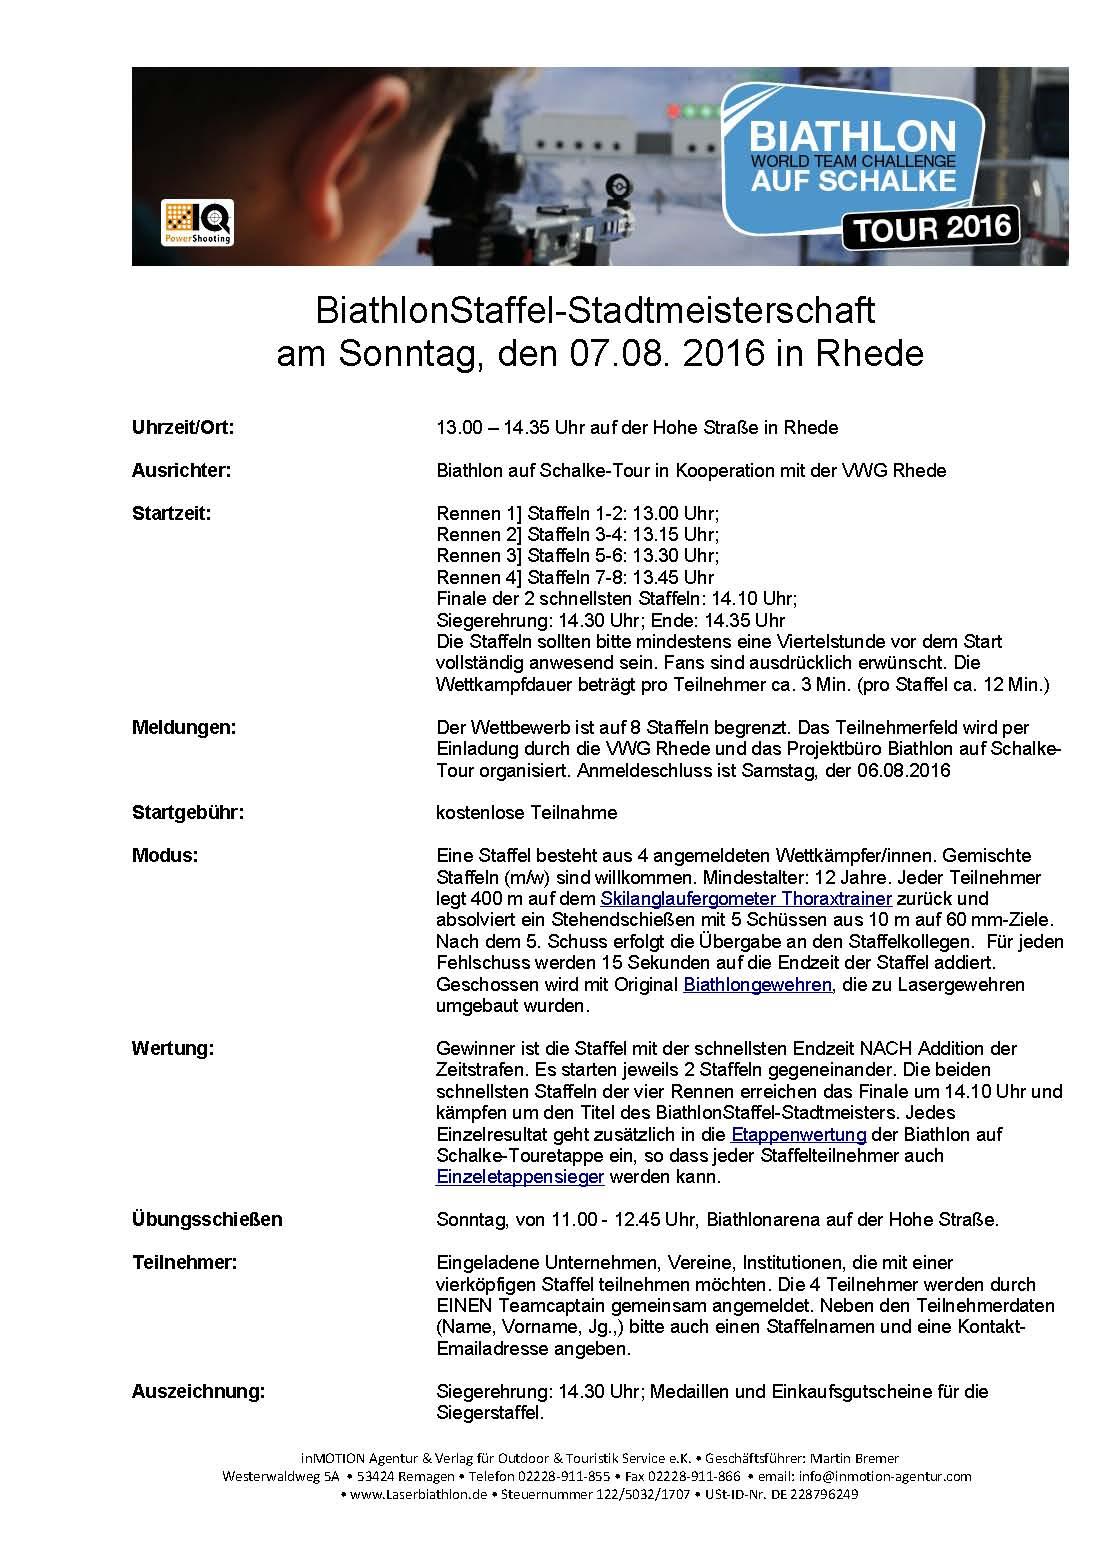 Biathlonstaffel_Stadtmeisterschaft_07_08_2016_Rhede_Seite_1